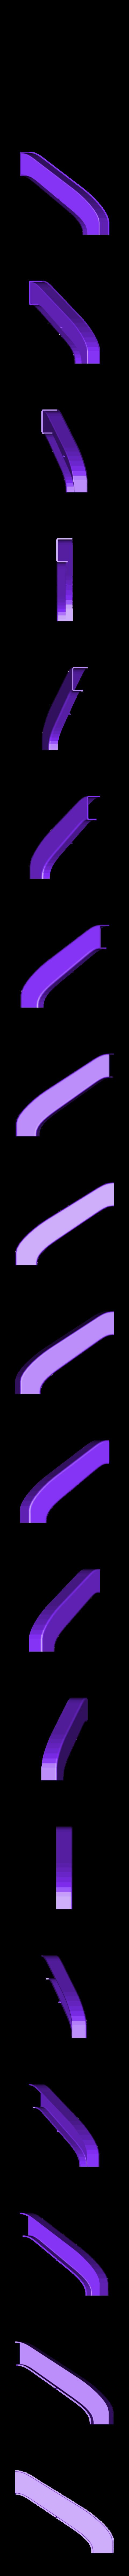 PORTA_05.STL Télécharger fichier STL gratuit la poignée de porte - alice au pays des merveilles • Modèle pour impression 3D, sergioinglese